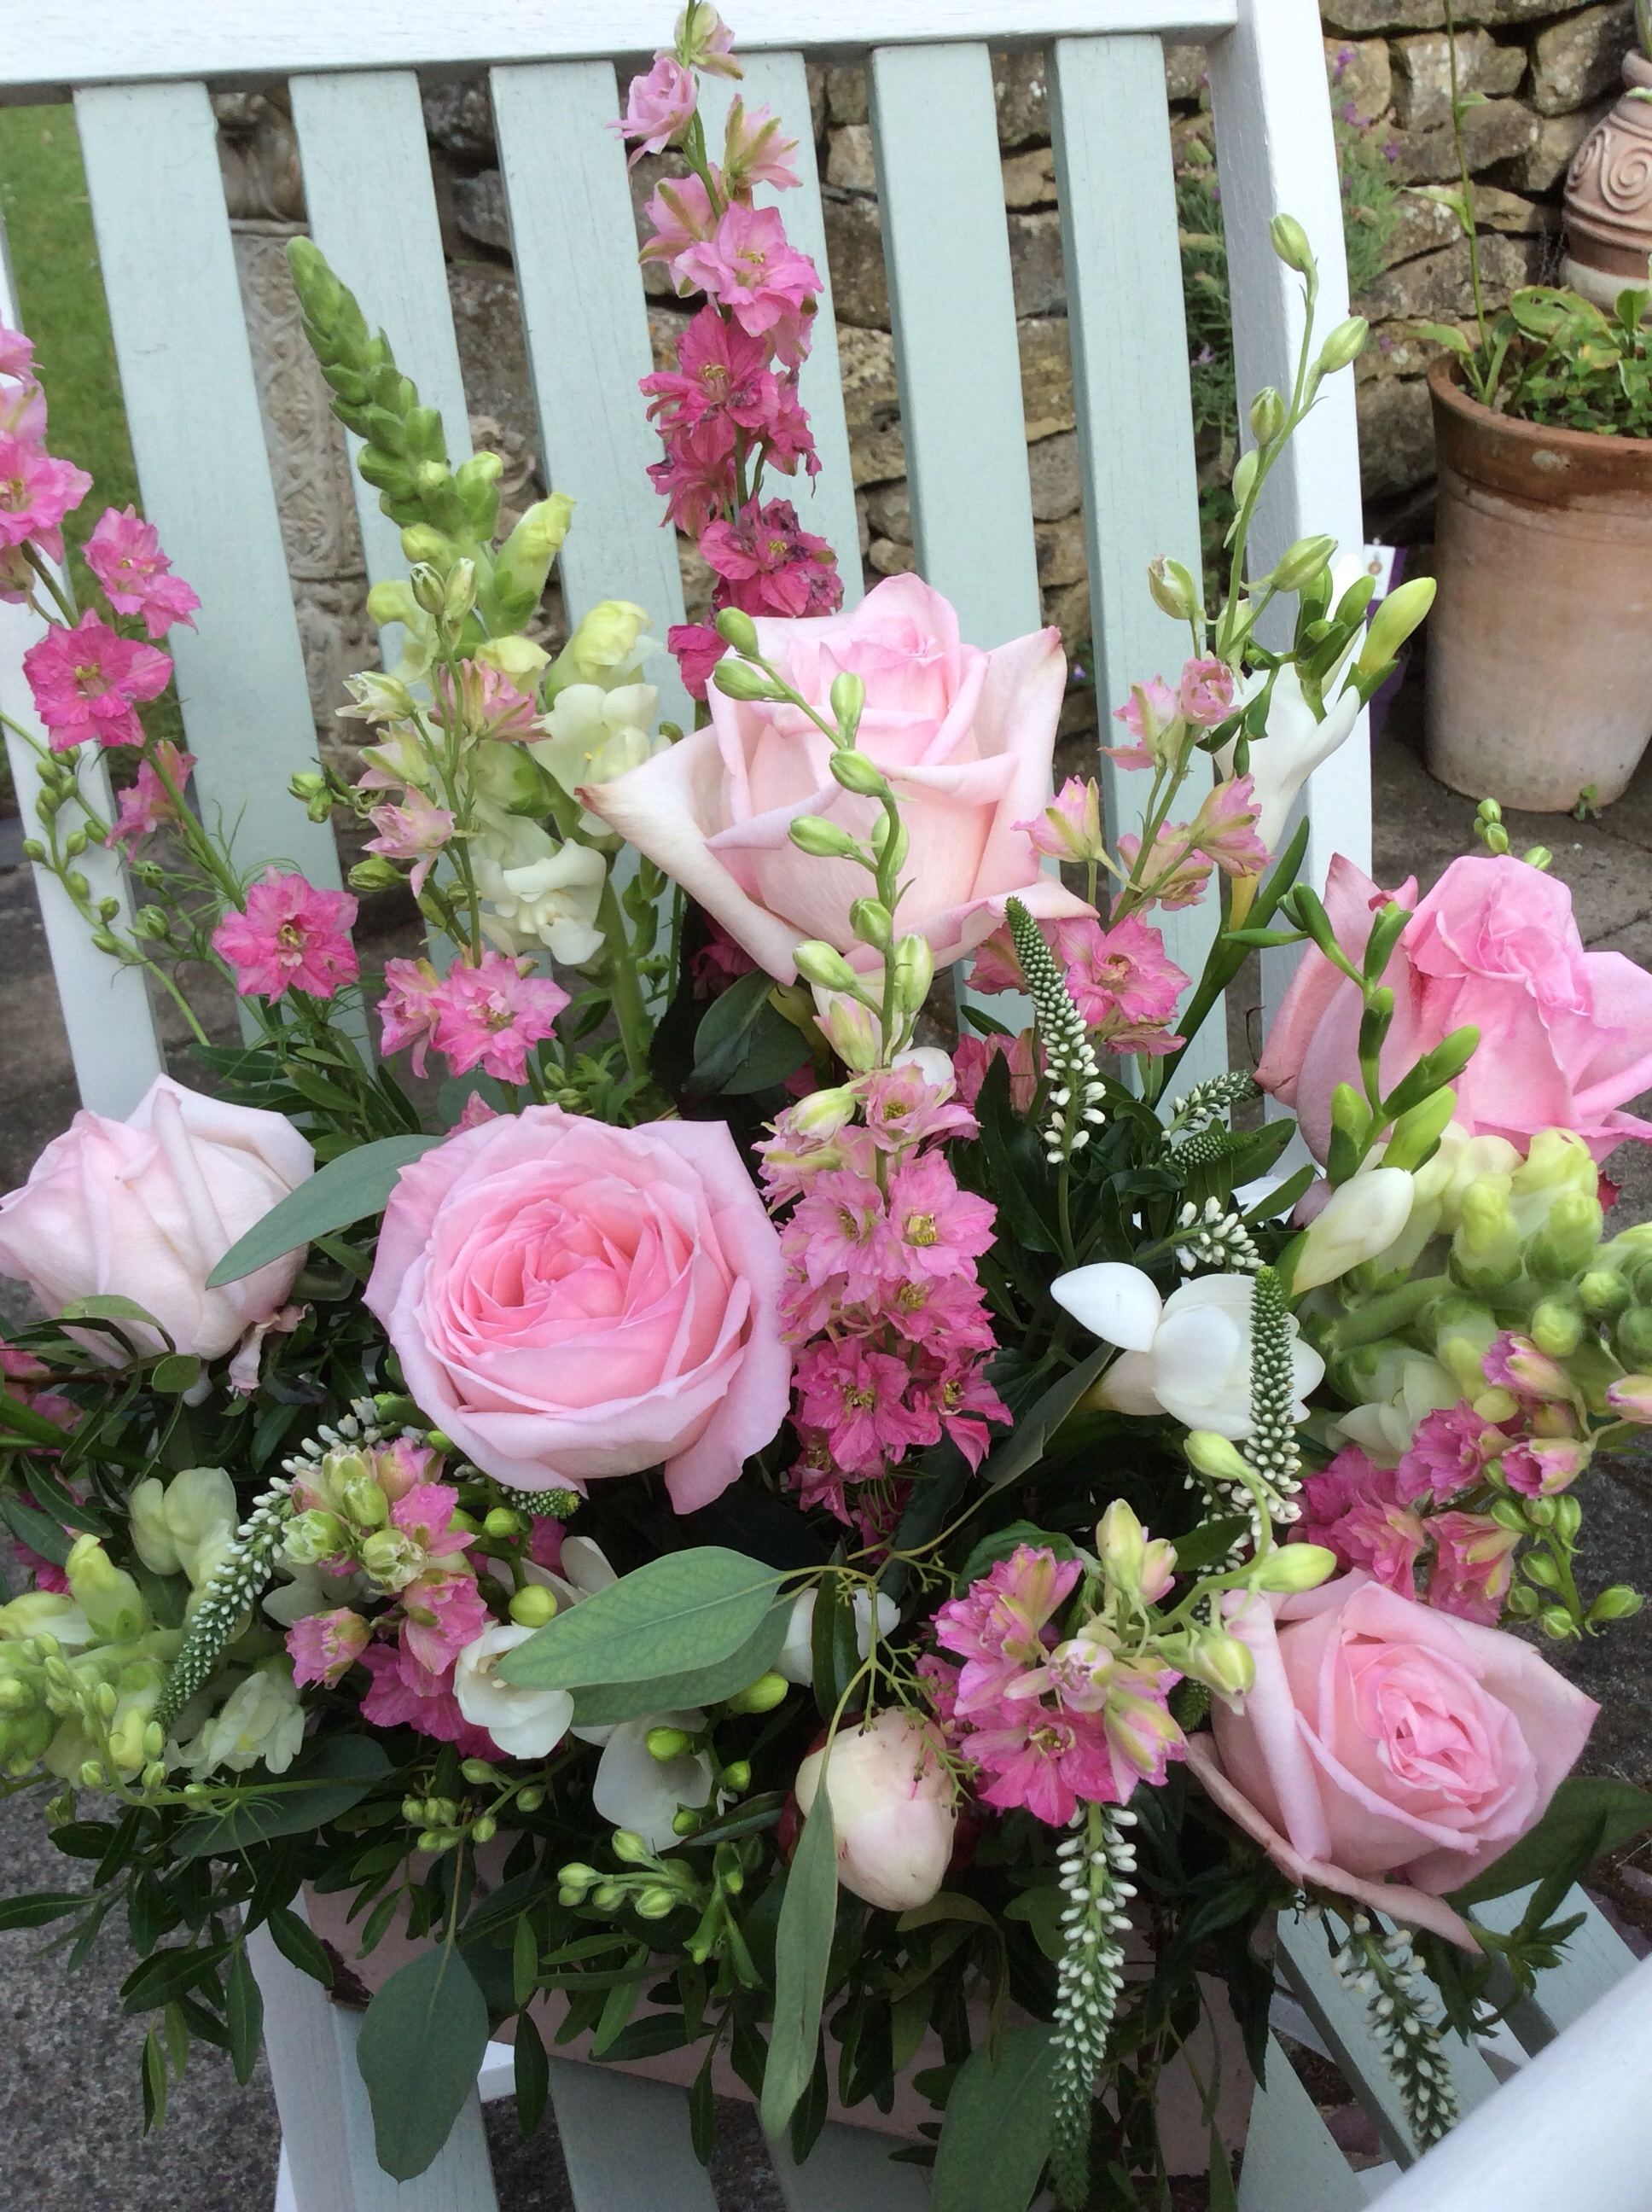 Beginners Floristry Workshop